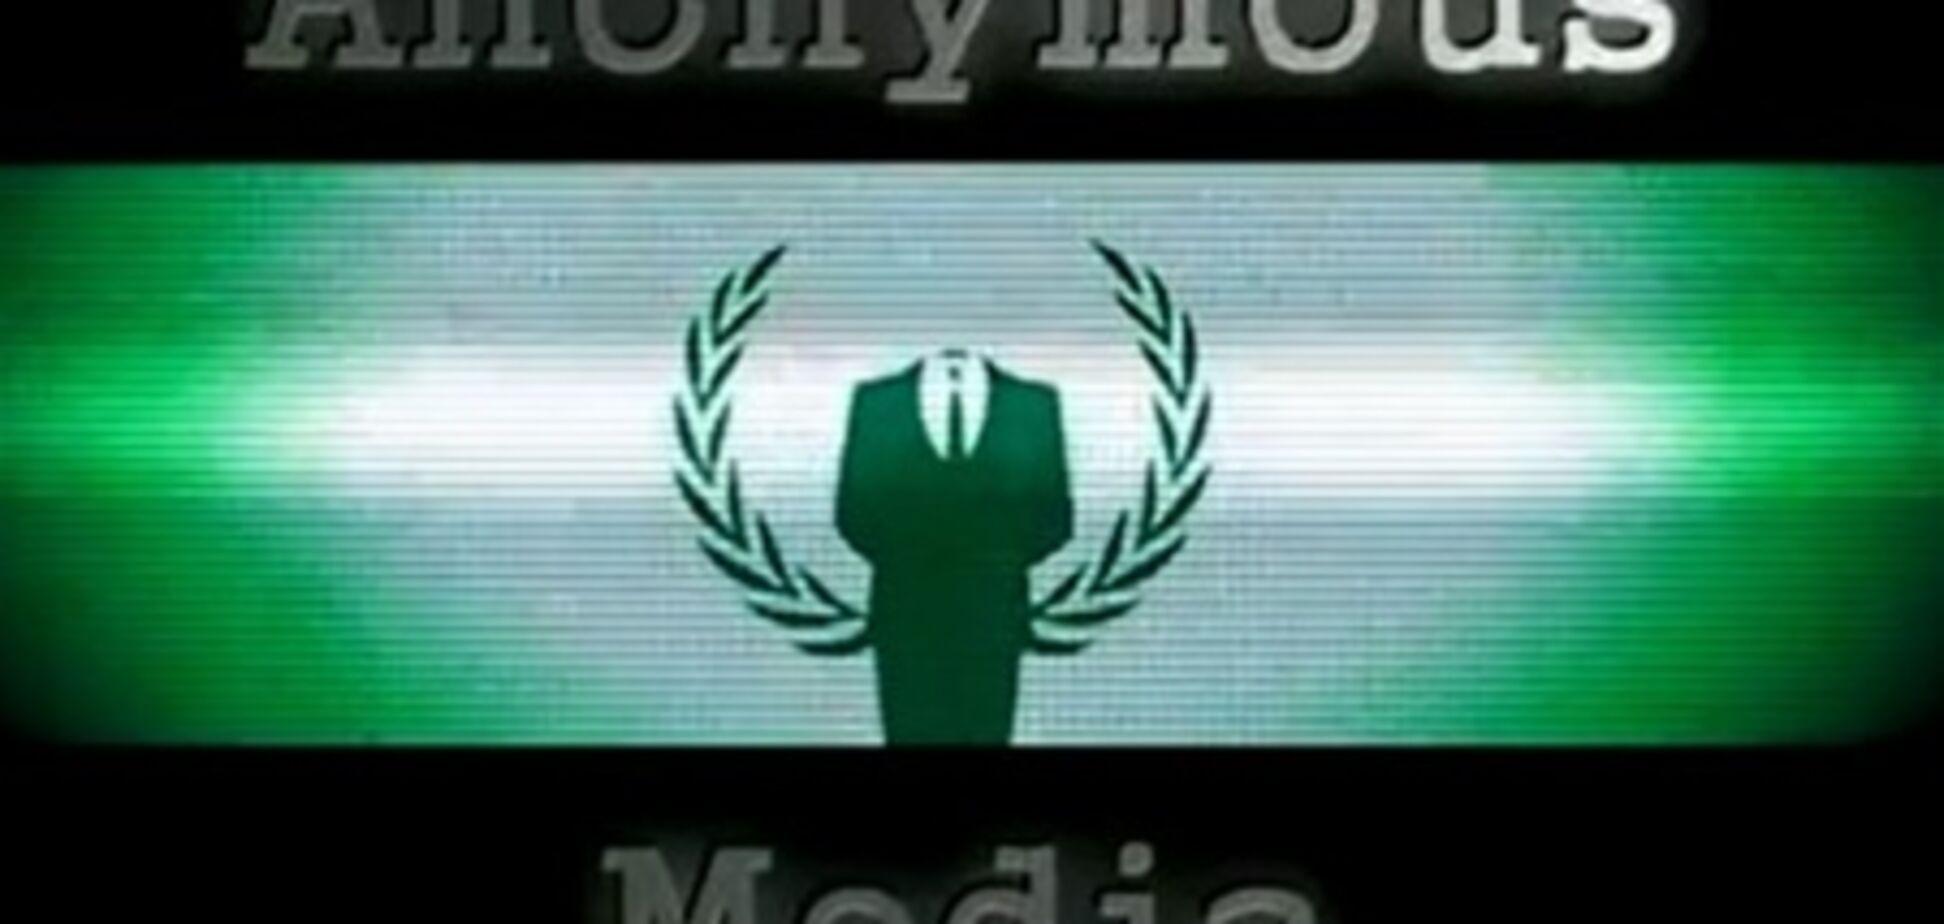 Хакеры из Anonymous взломали сайт Пенитенциарной комиссии США